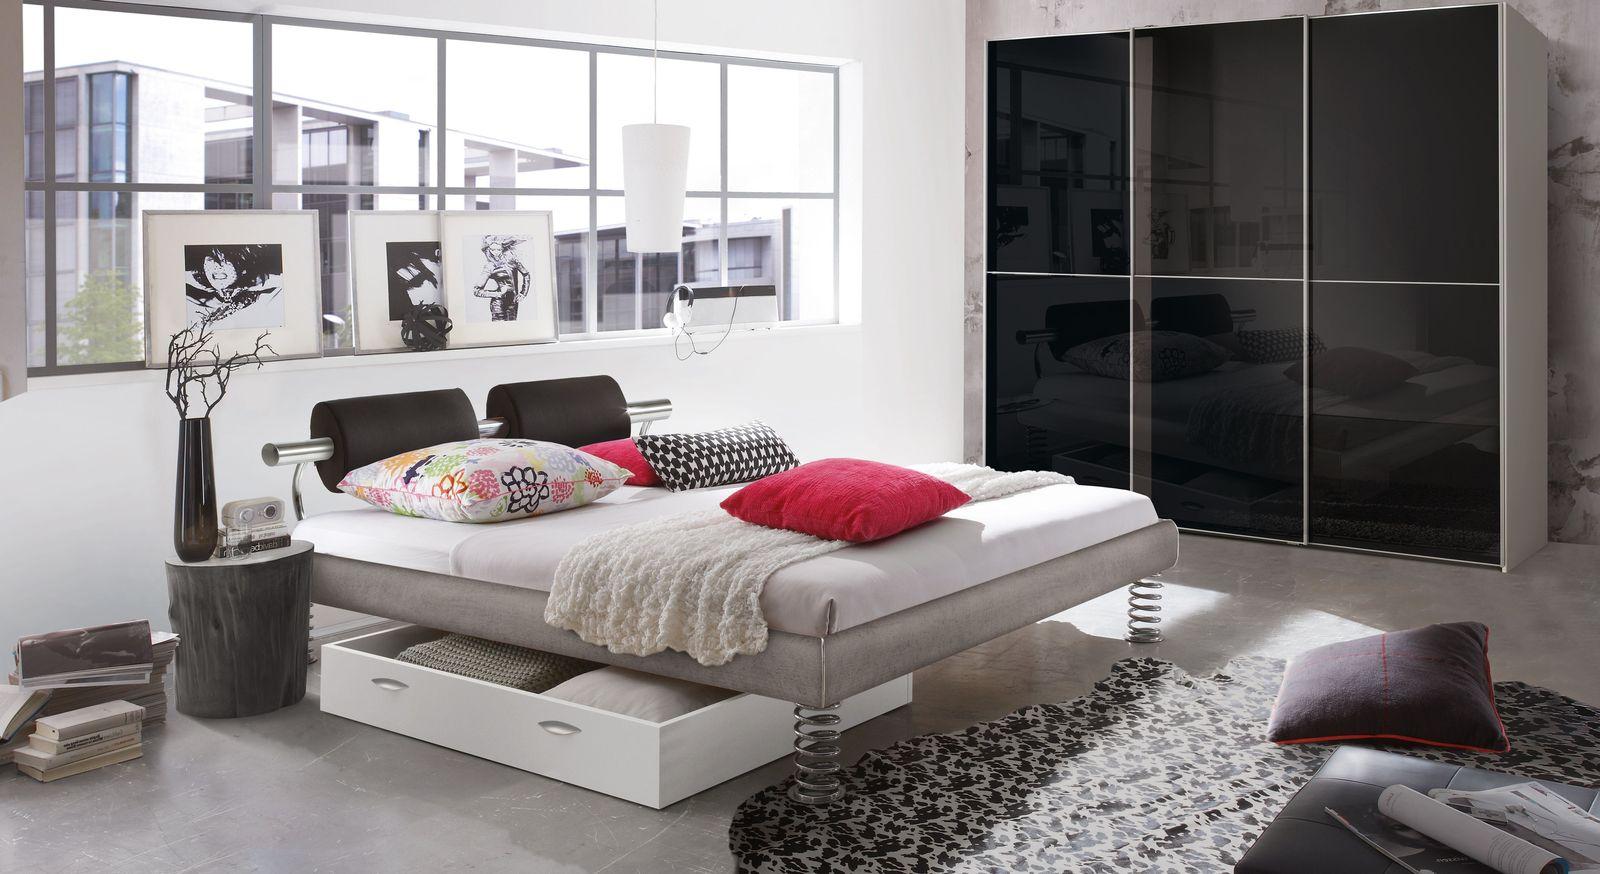 Jugendliches Schlafzimmer komplett in Beton-Optik - Elastic